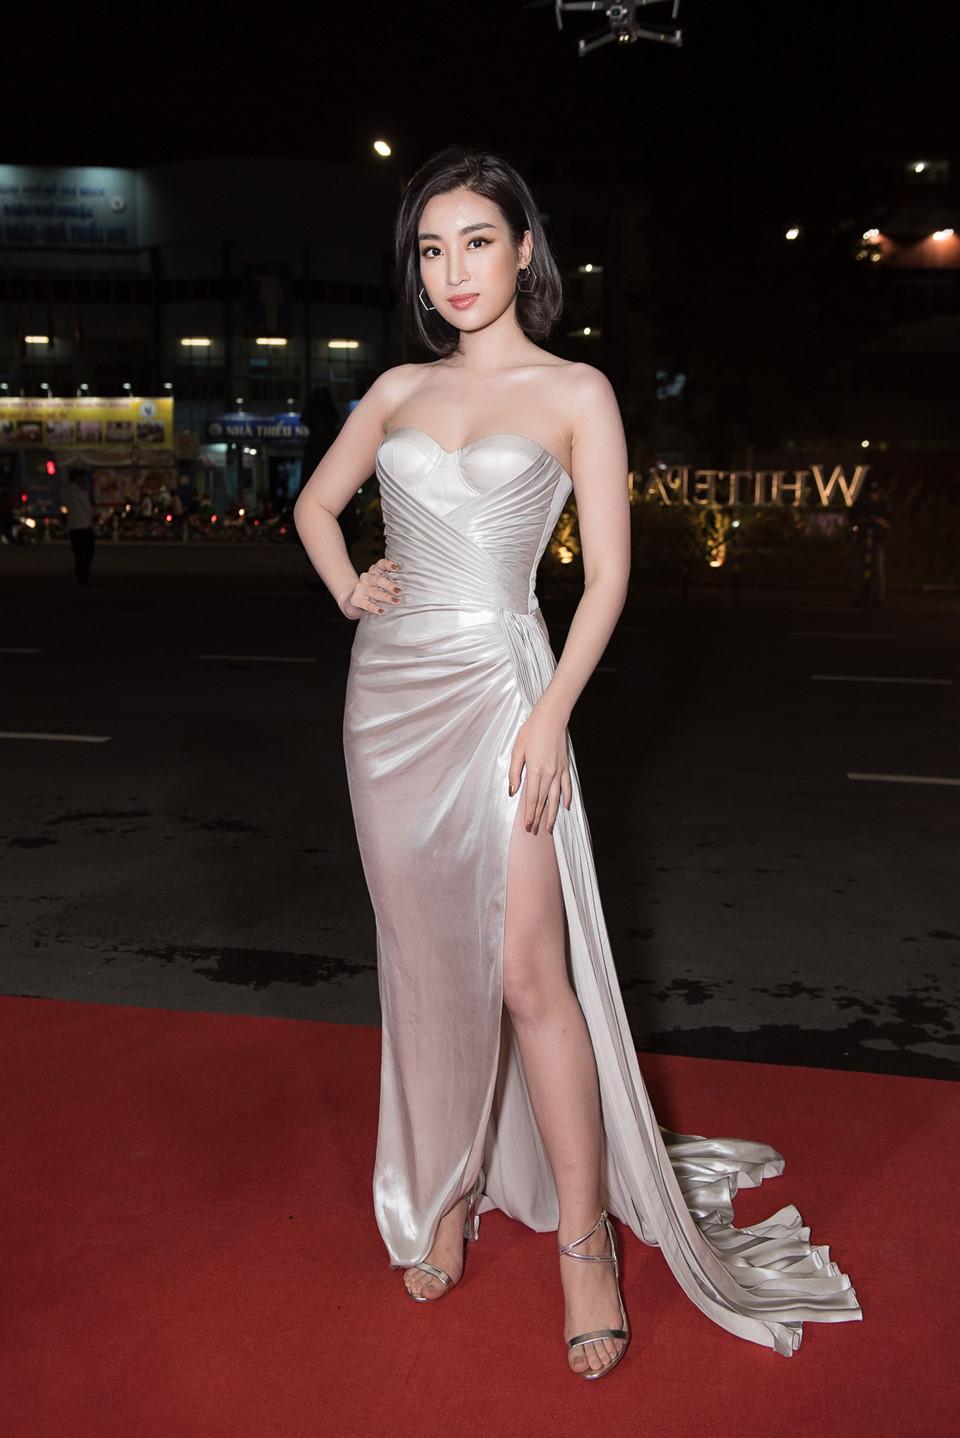 Quỳnh Anh diện đầm xẻ bạo sexy, đối lập 'đối thủ' Bảo Anh 'kín cổng cao tường' - Ảnh 9